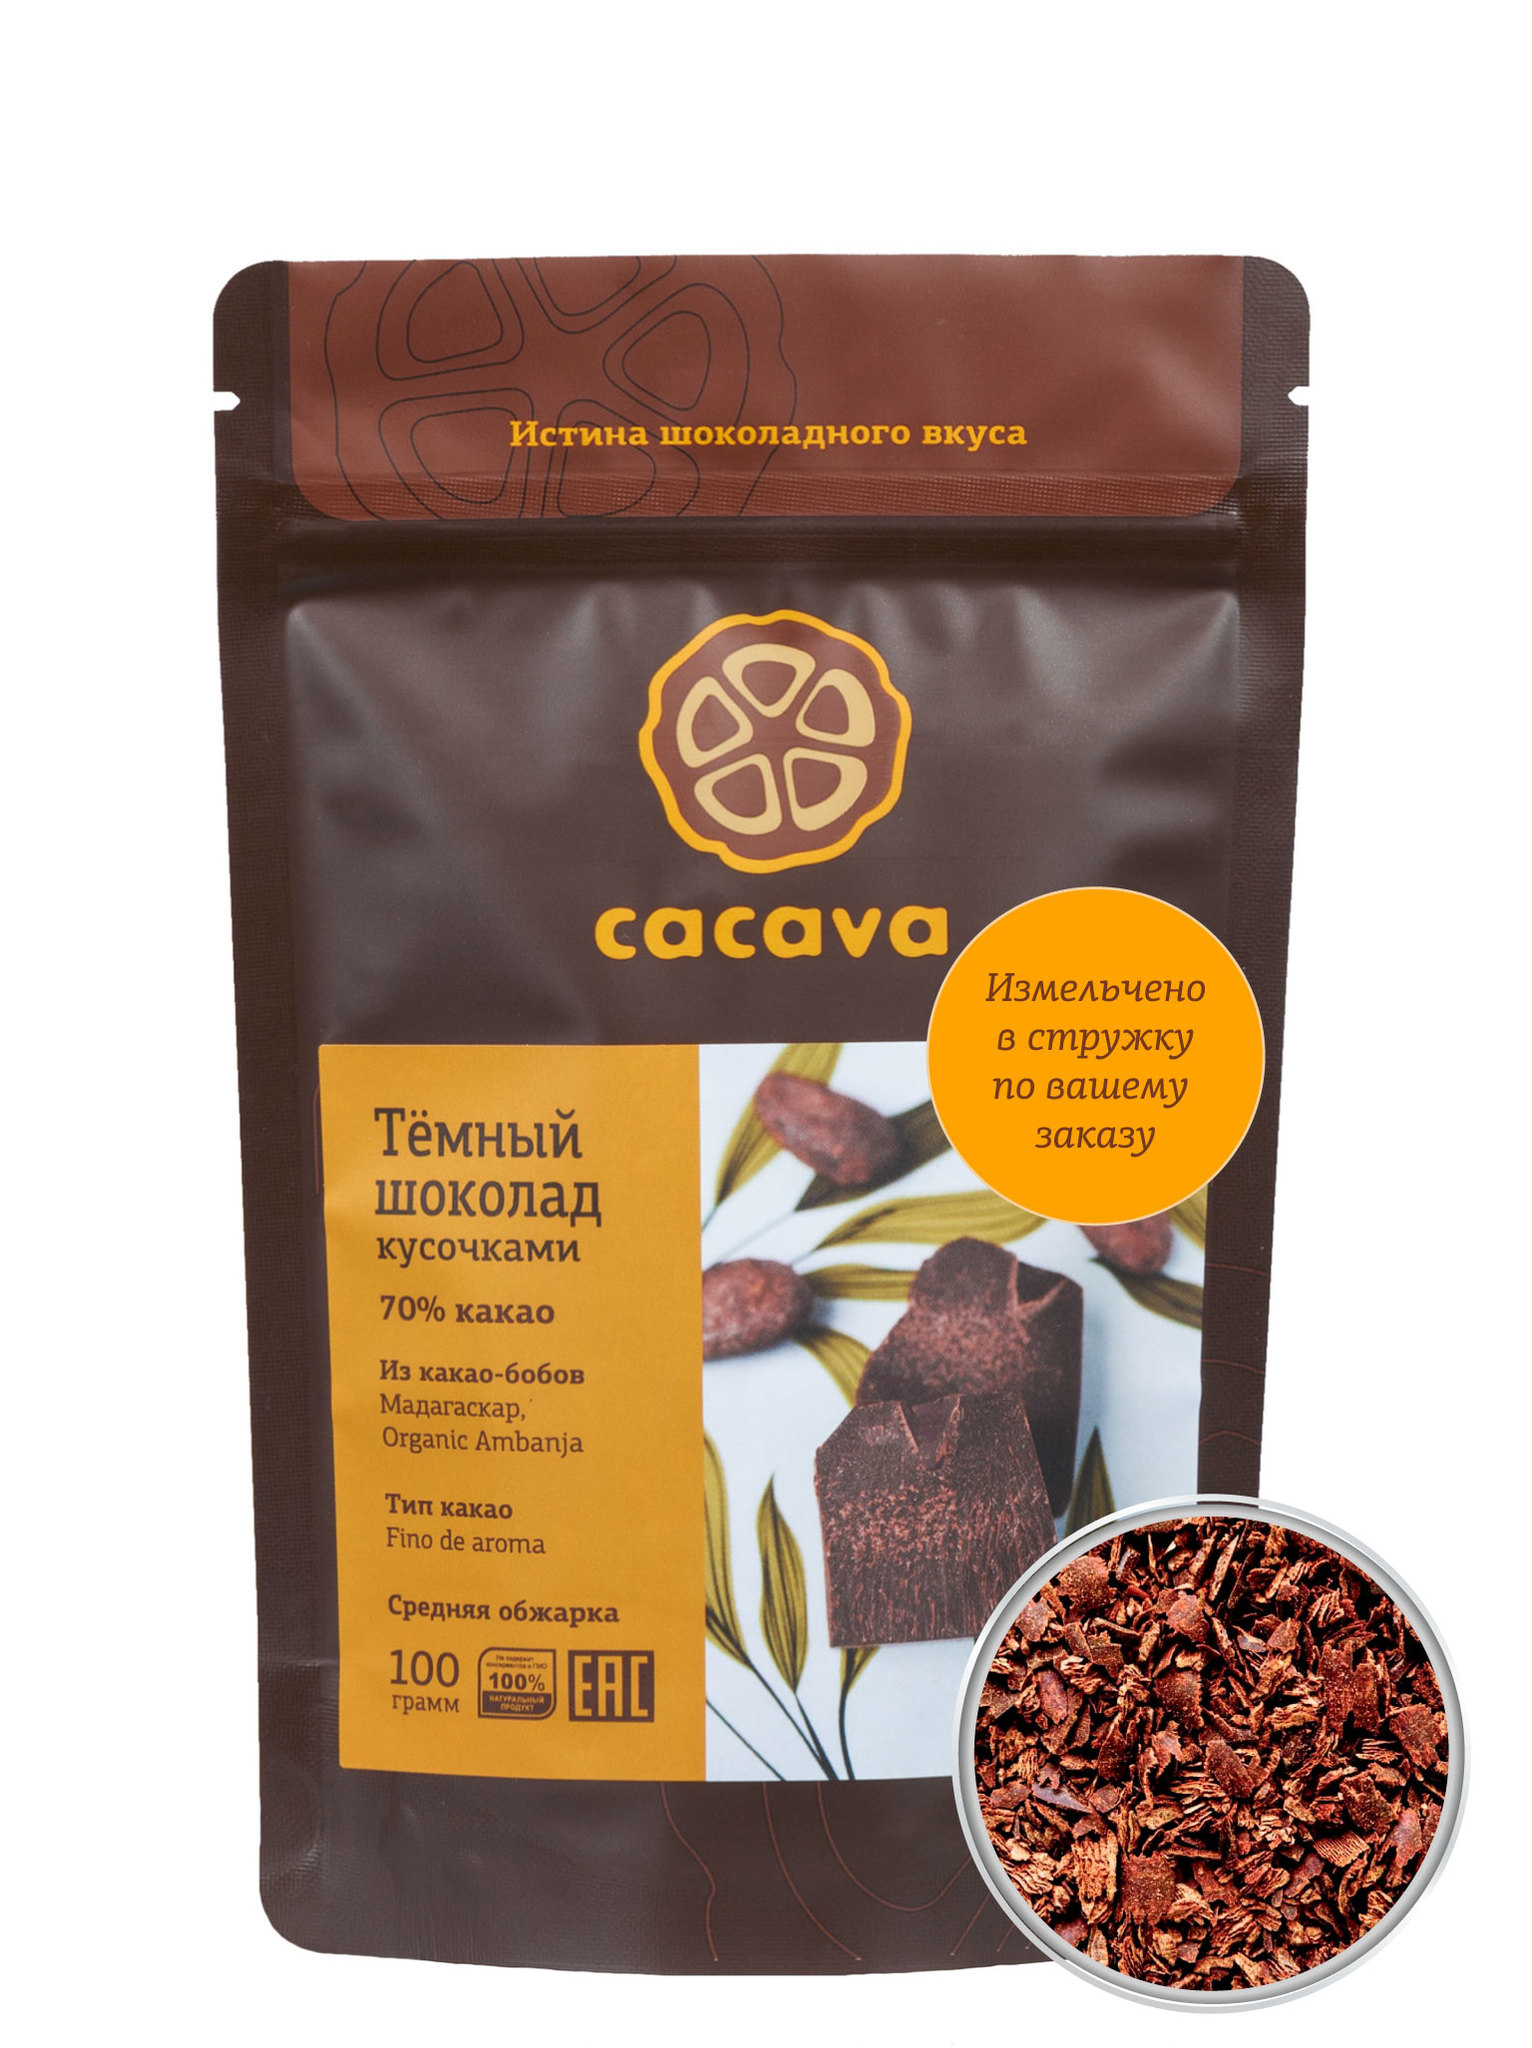 Тёмный шоколад 70 % какао в стружке (Мадагаскар, Organic Ambanja), упаковка 100 грамм